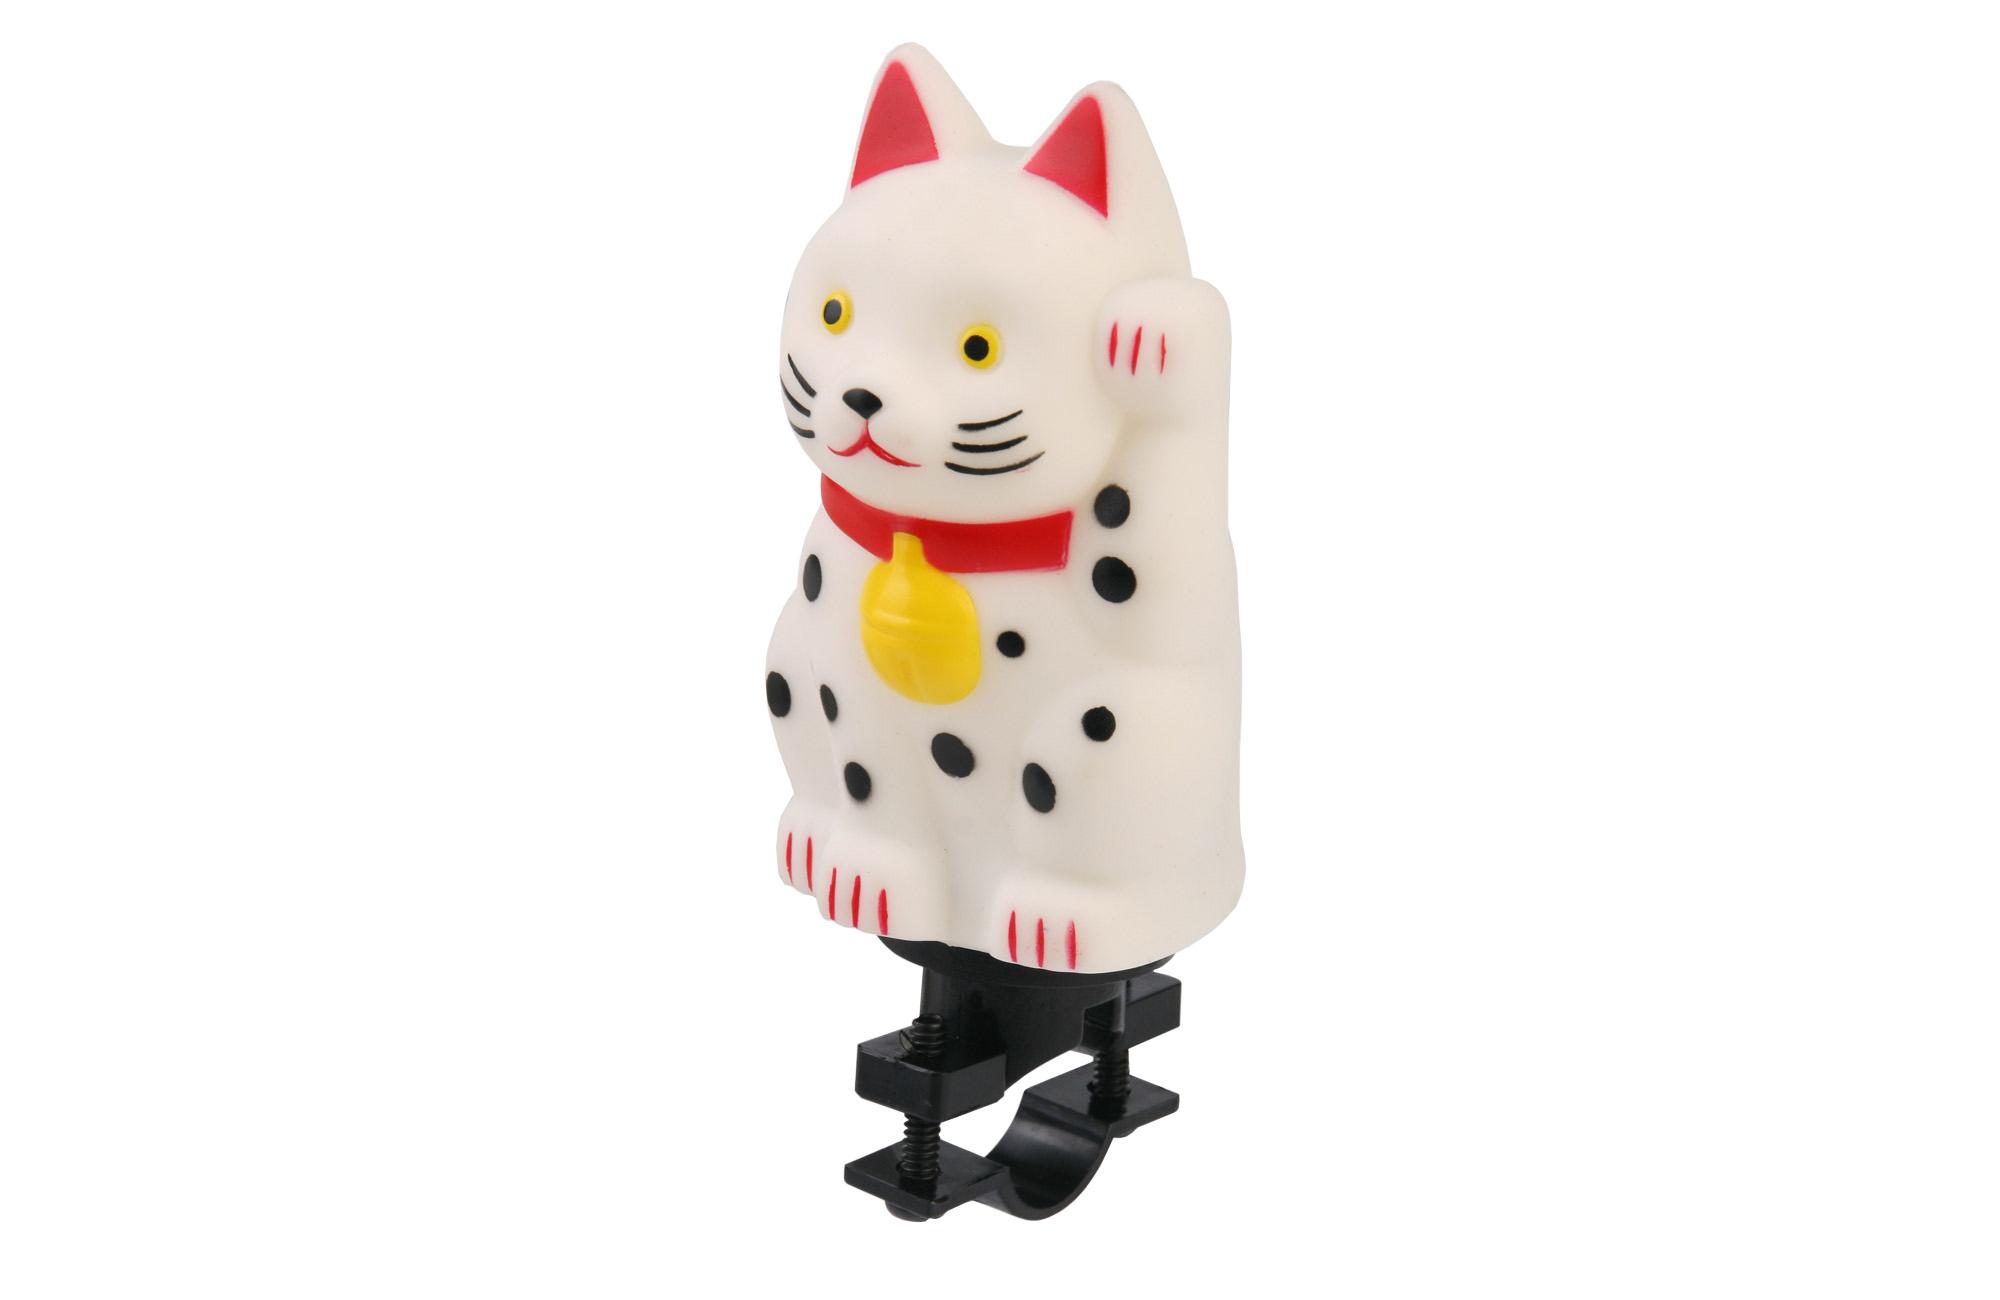 Купить Звонок Клаксон Stels CB-3019 Кот в интернет магазине. Цены, фото, описания, характеристики, отзывы, обзоры